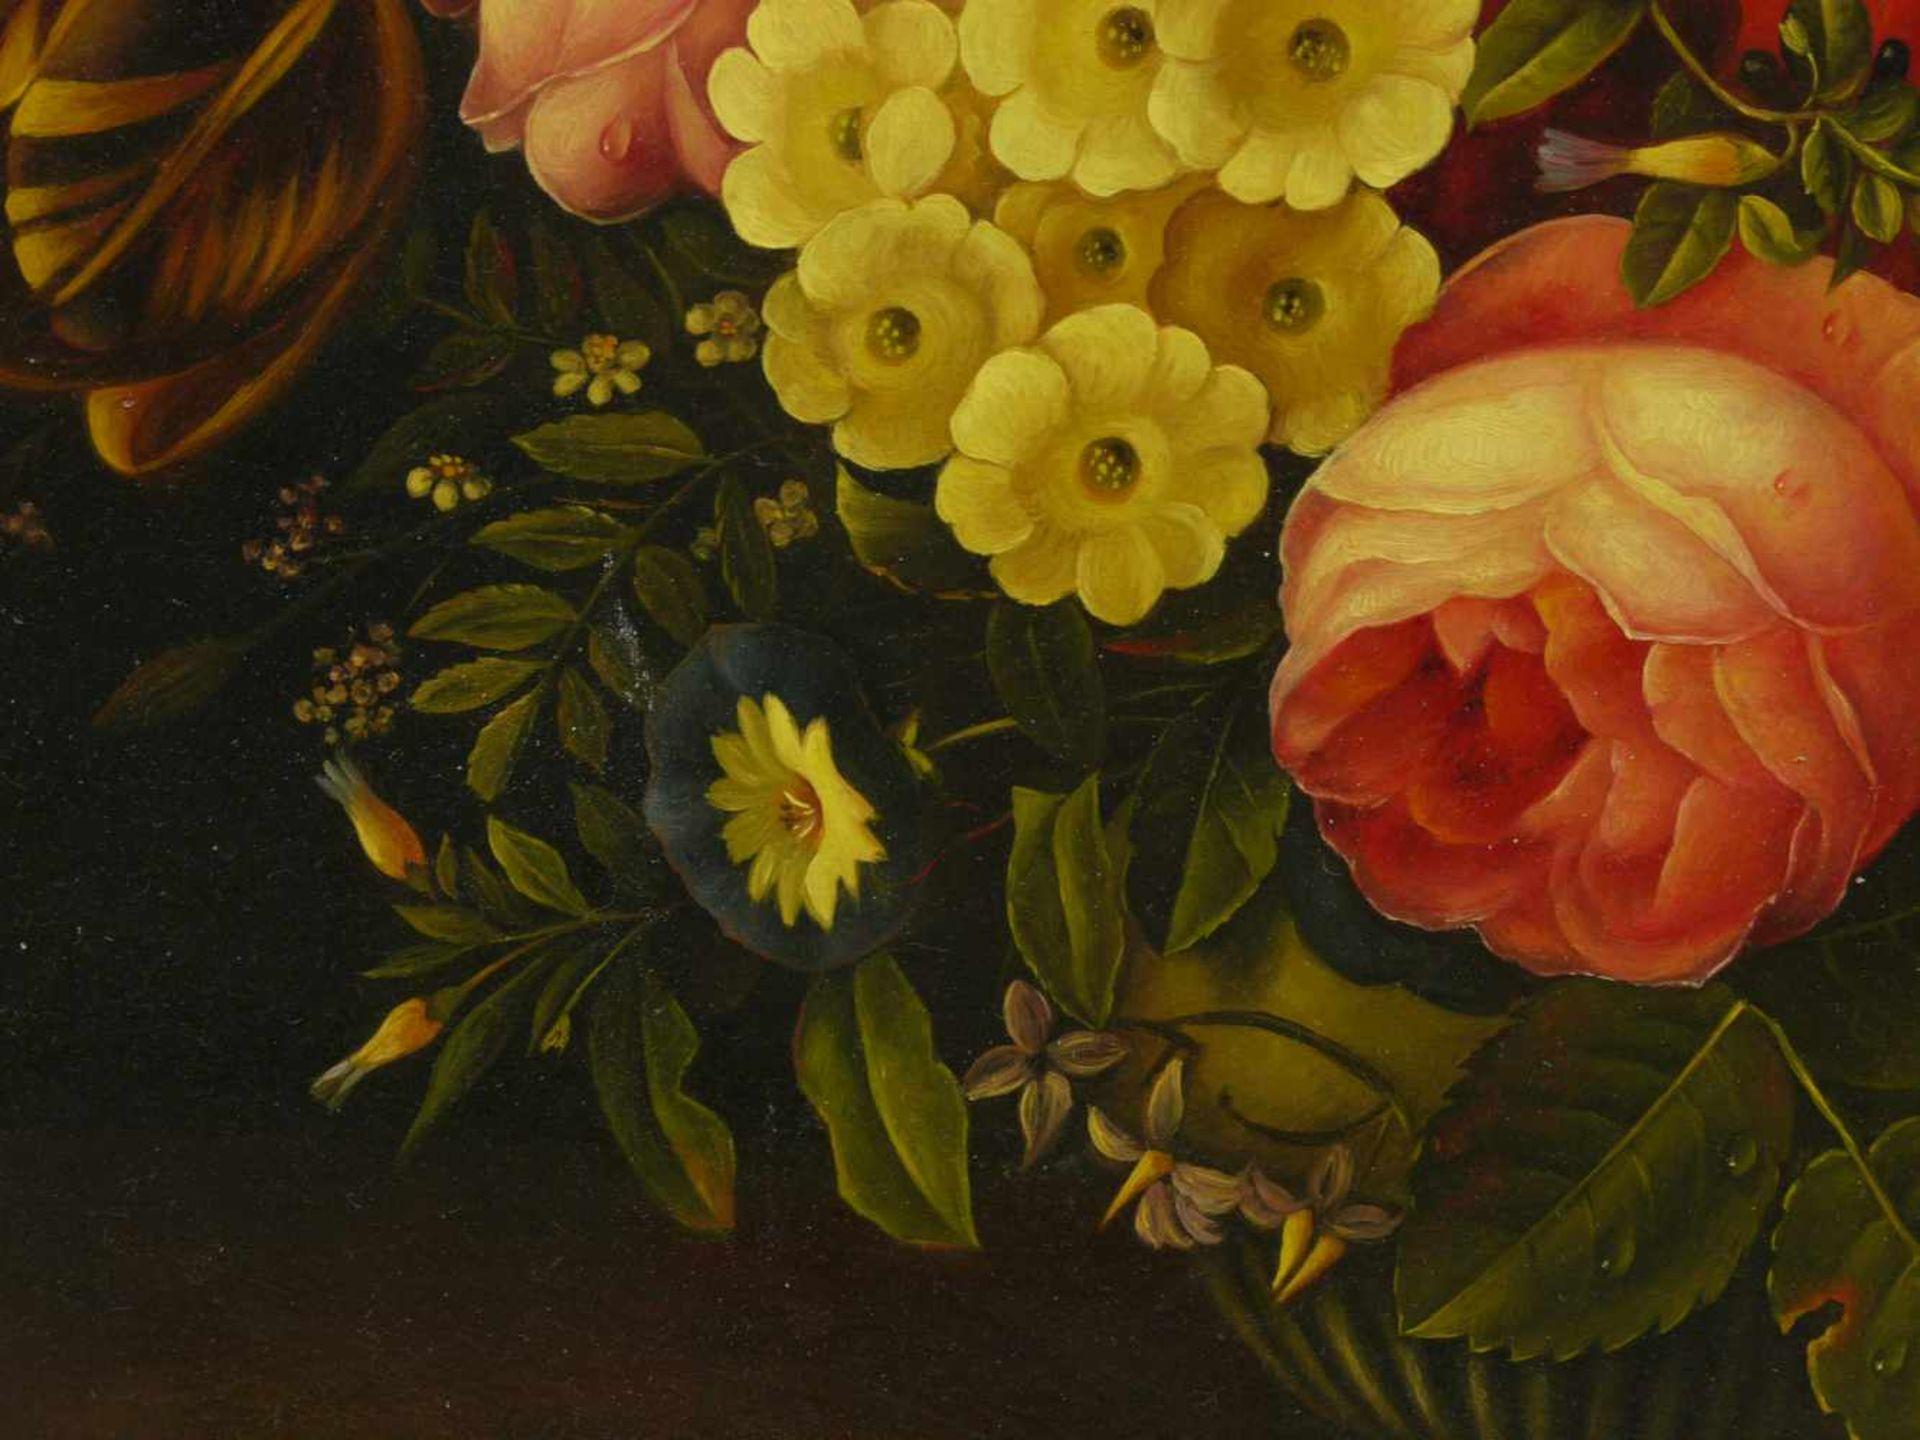 Holstayn, Josef (1930-?) - BlumenstückFeinste Malerei in typischer Manier des Künstler. Meisterhafte - Bild 9 aus 10